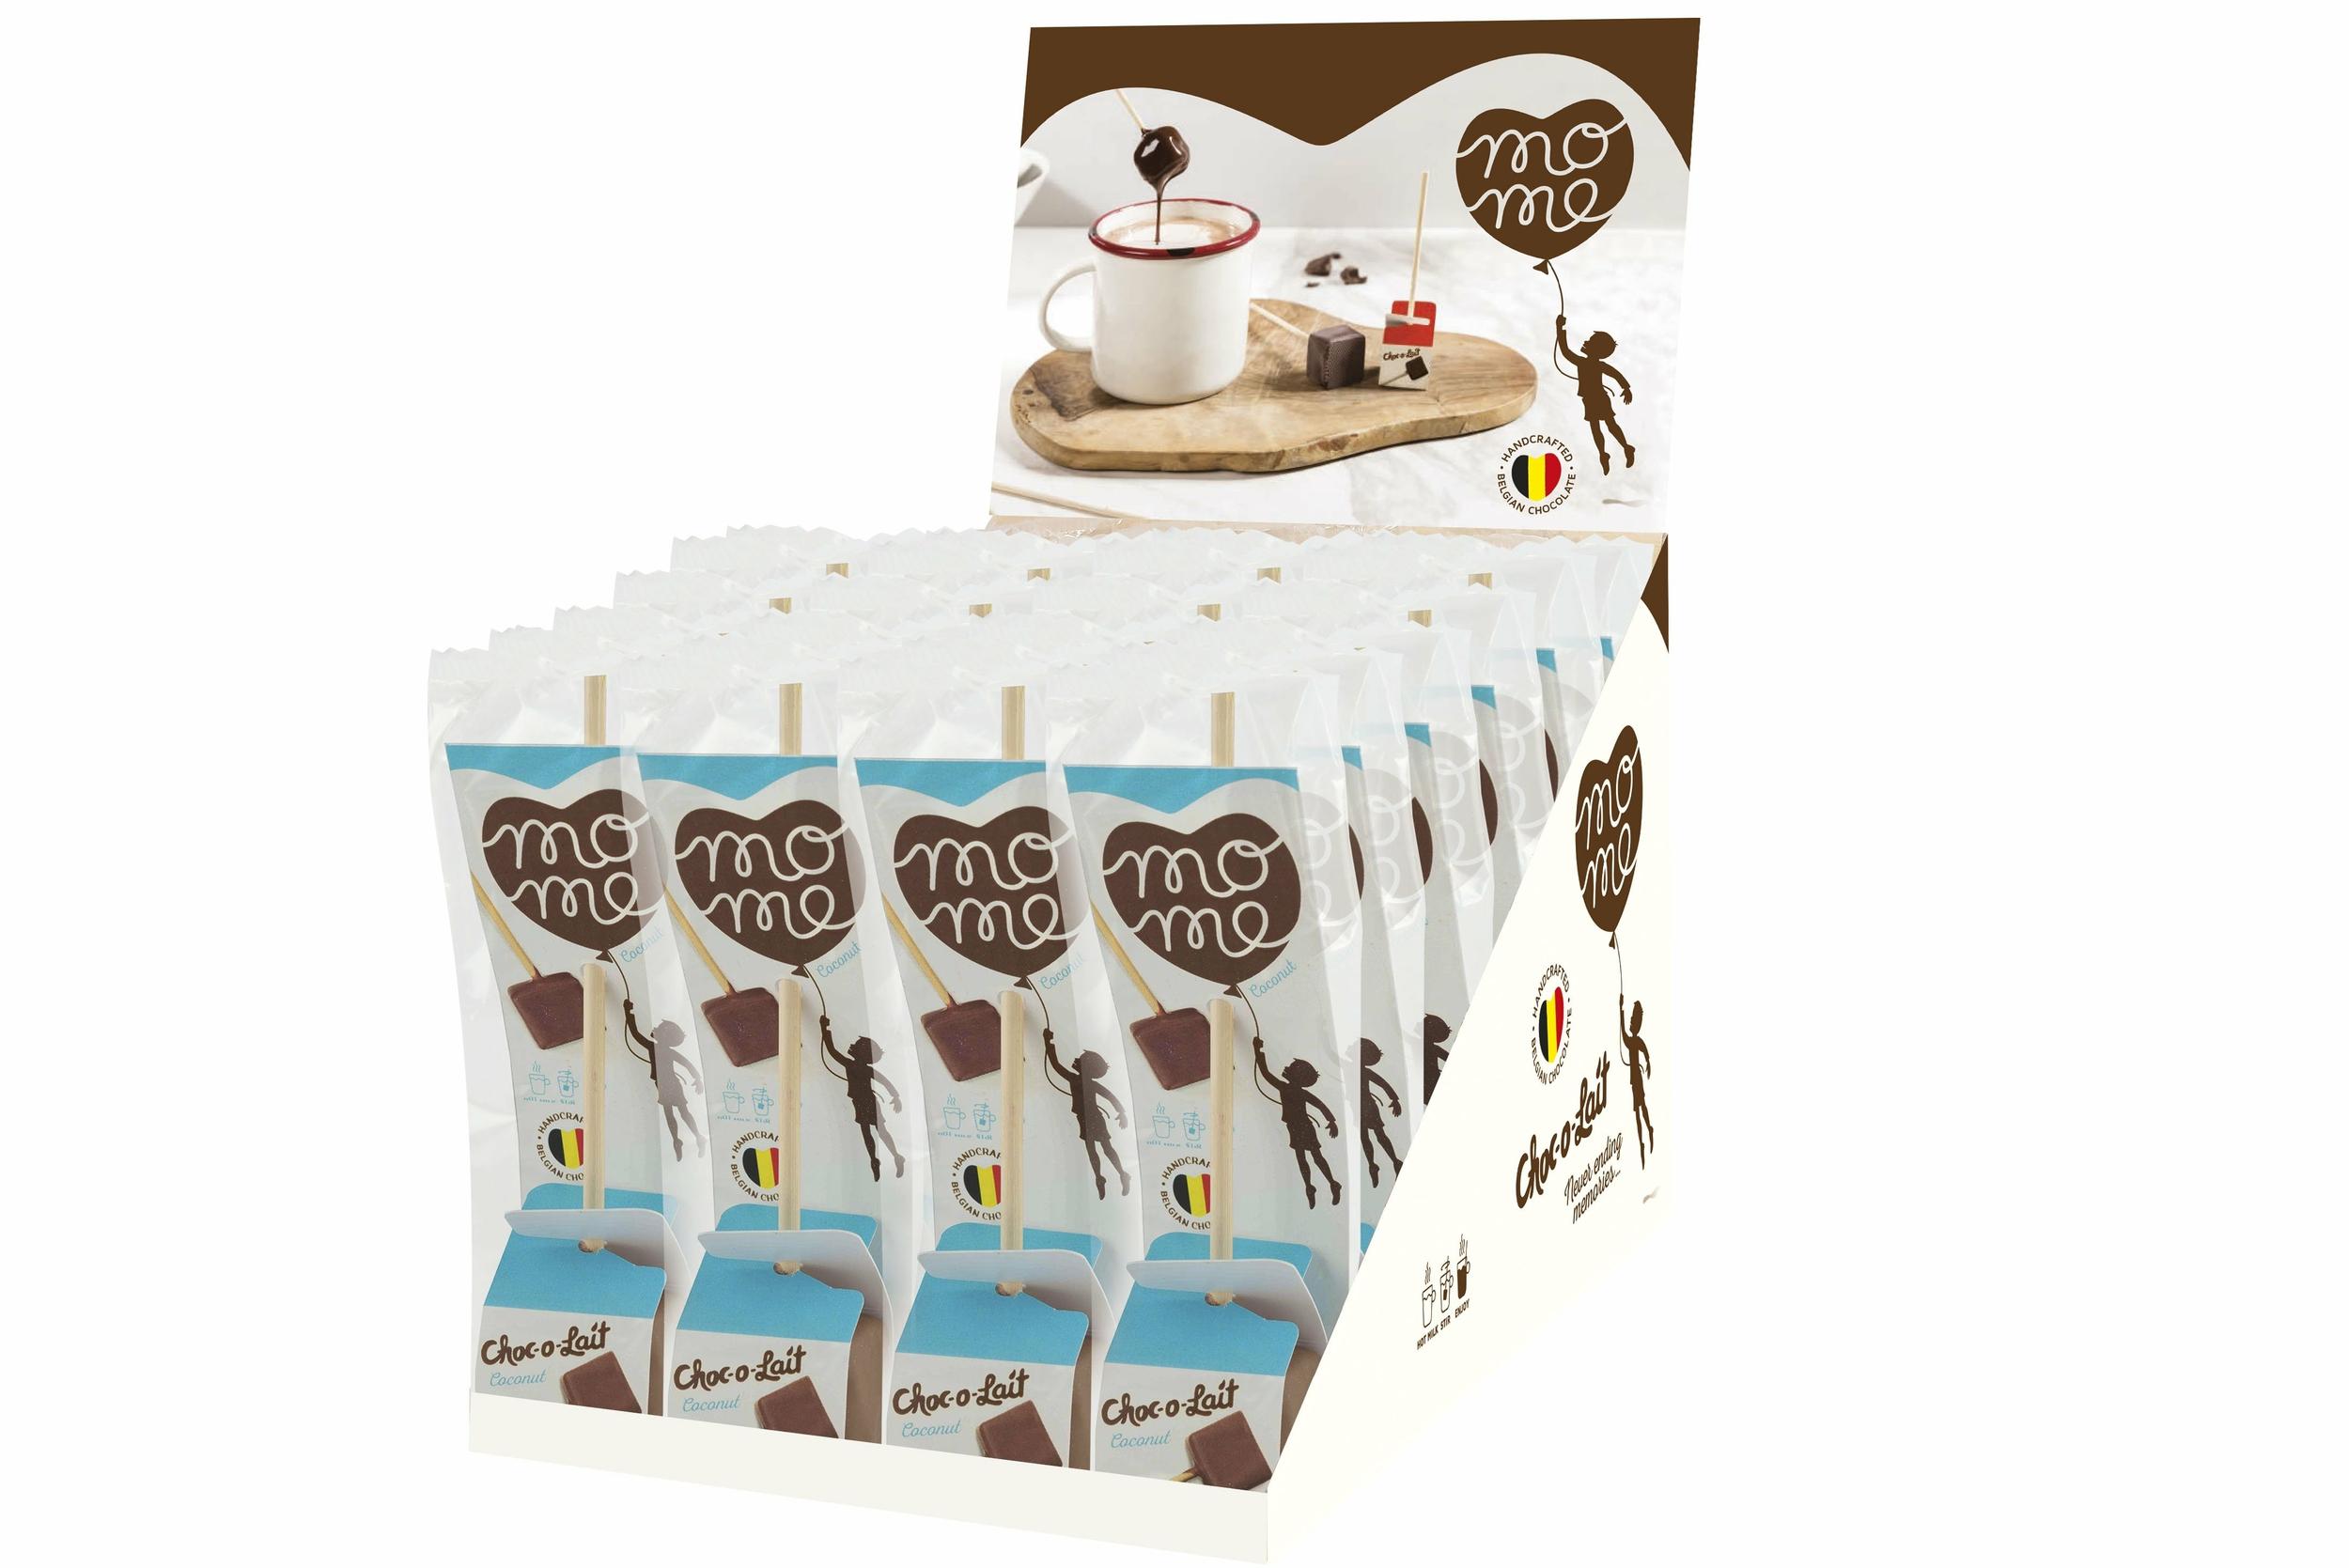 Choc-O-Lait Coconut - Boite de 24 x 33g OFFRE SPECIALE DLC NOVEMBRE